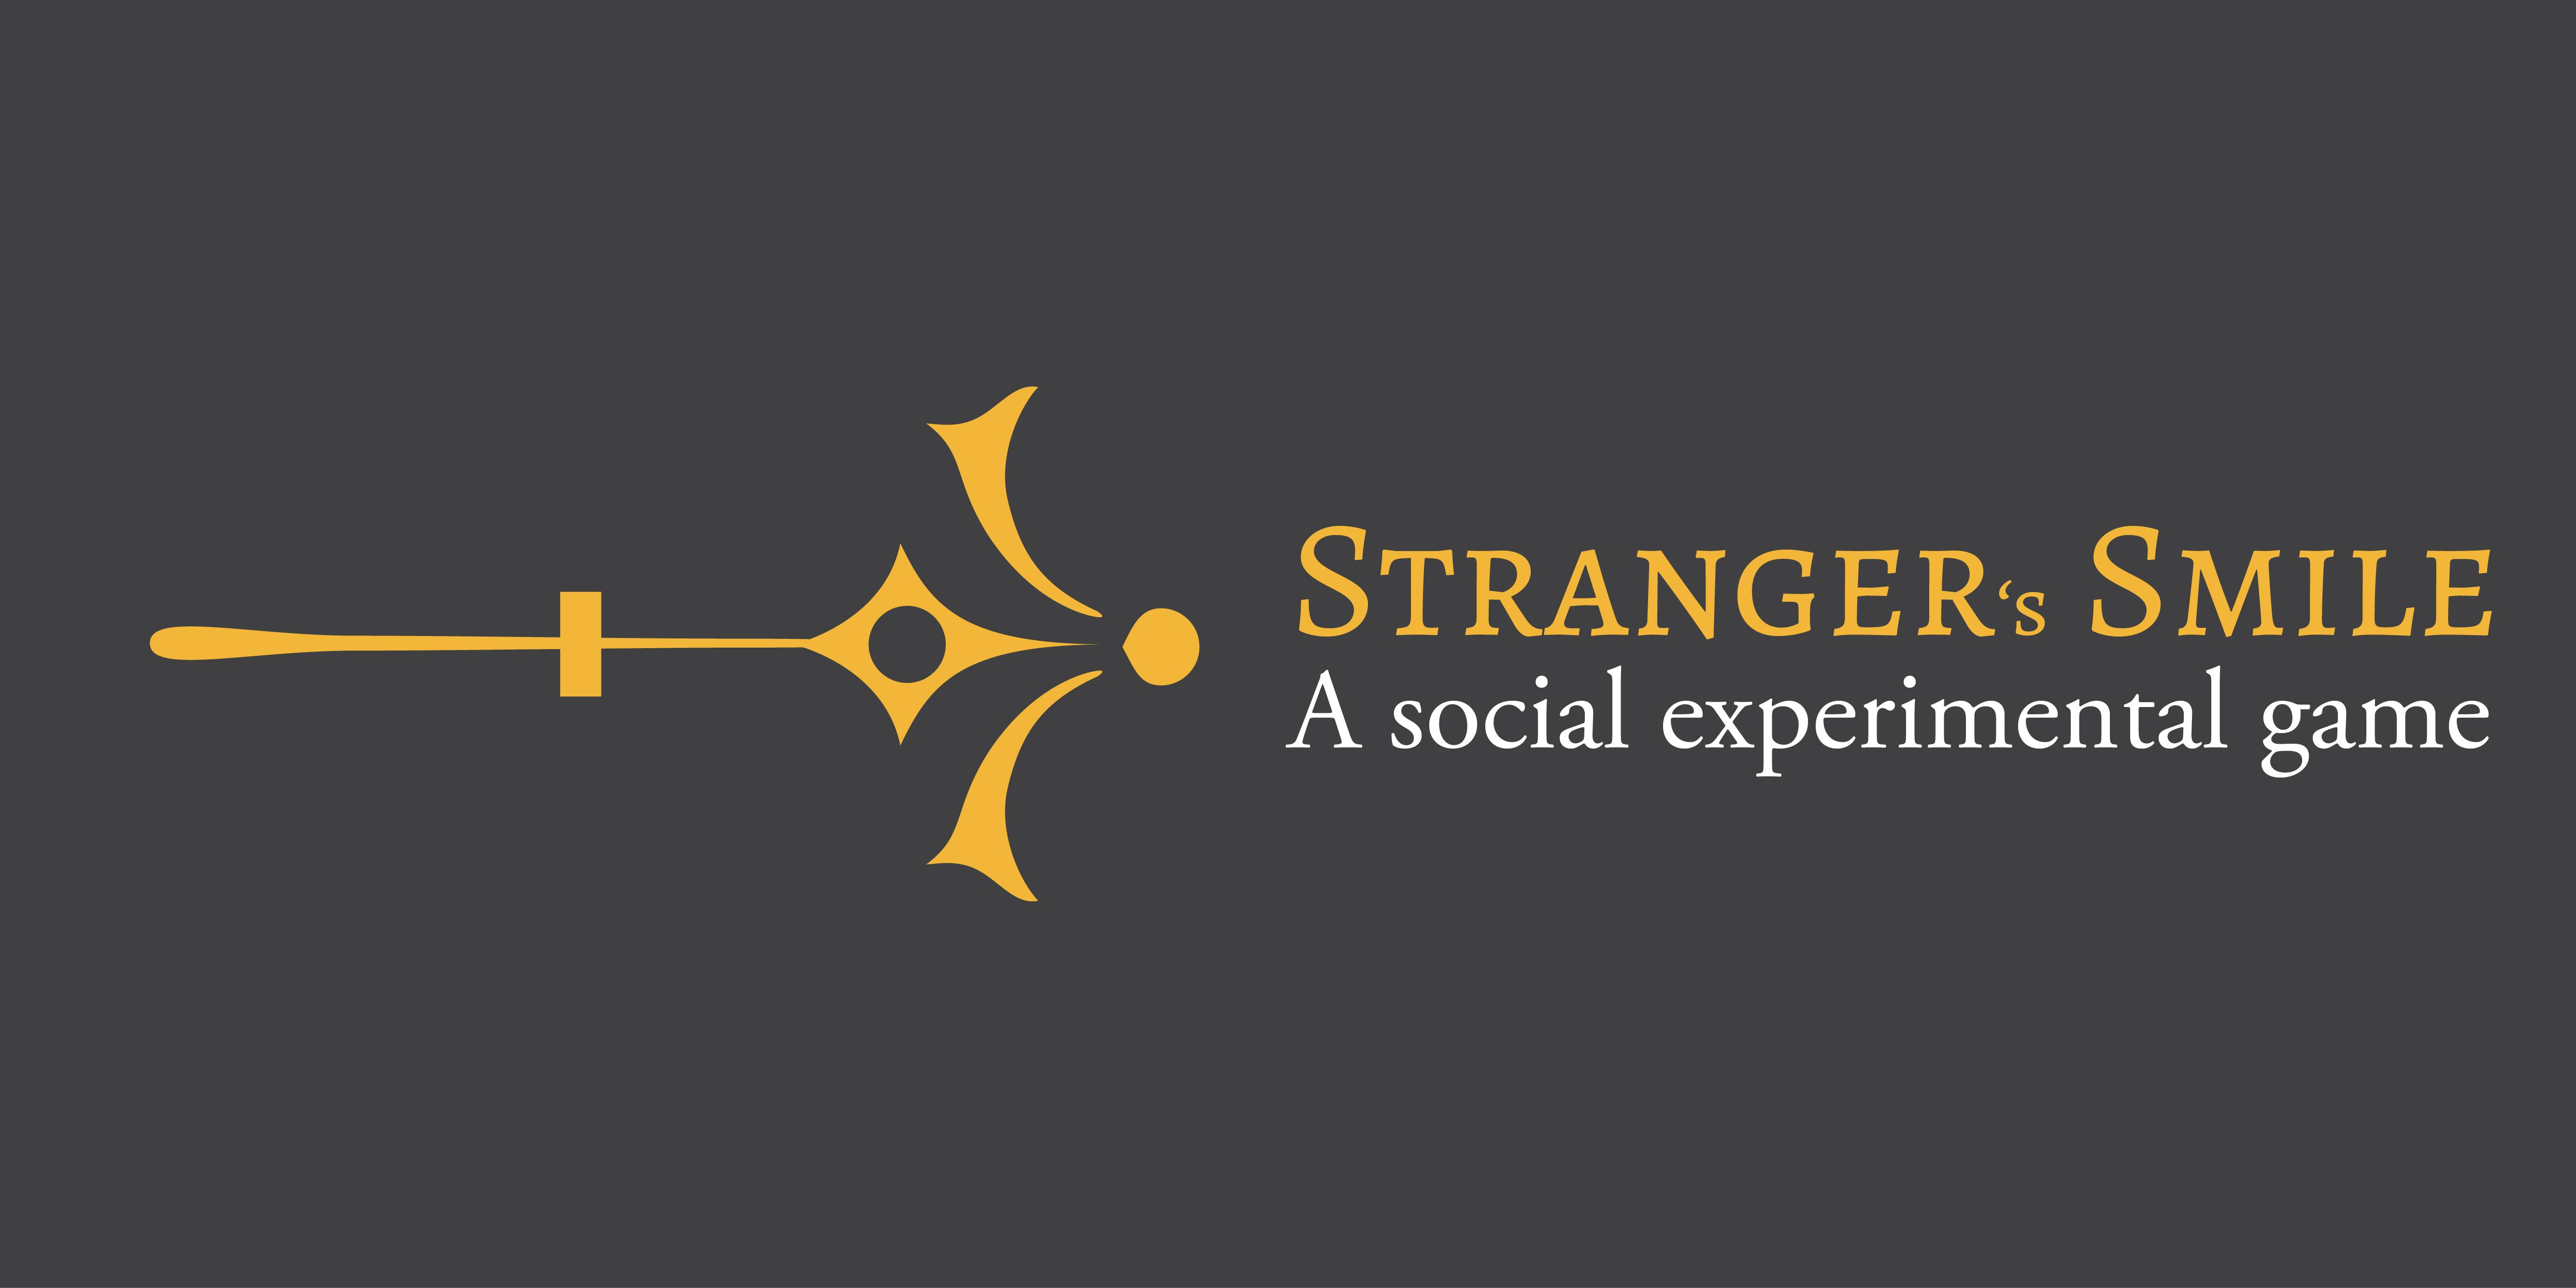 Stranger's Smile